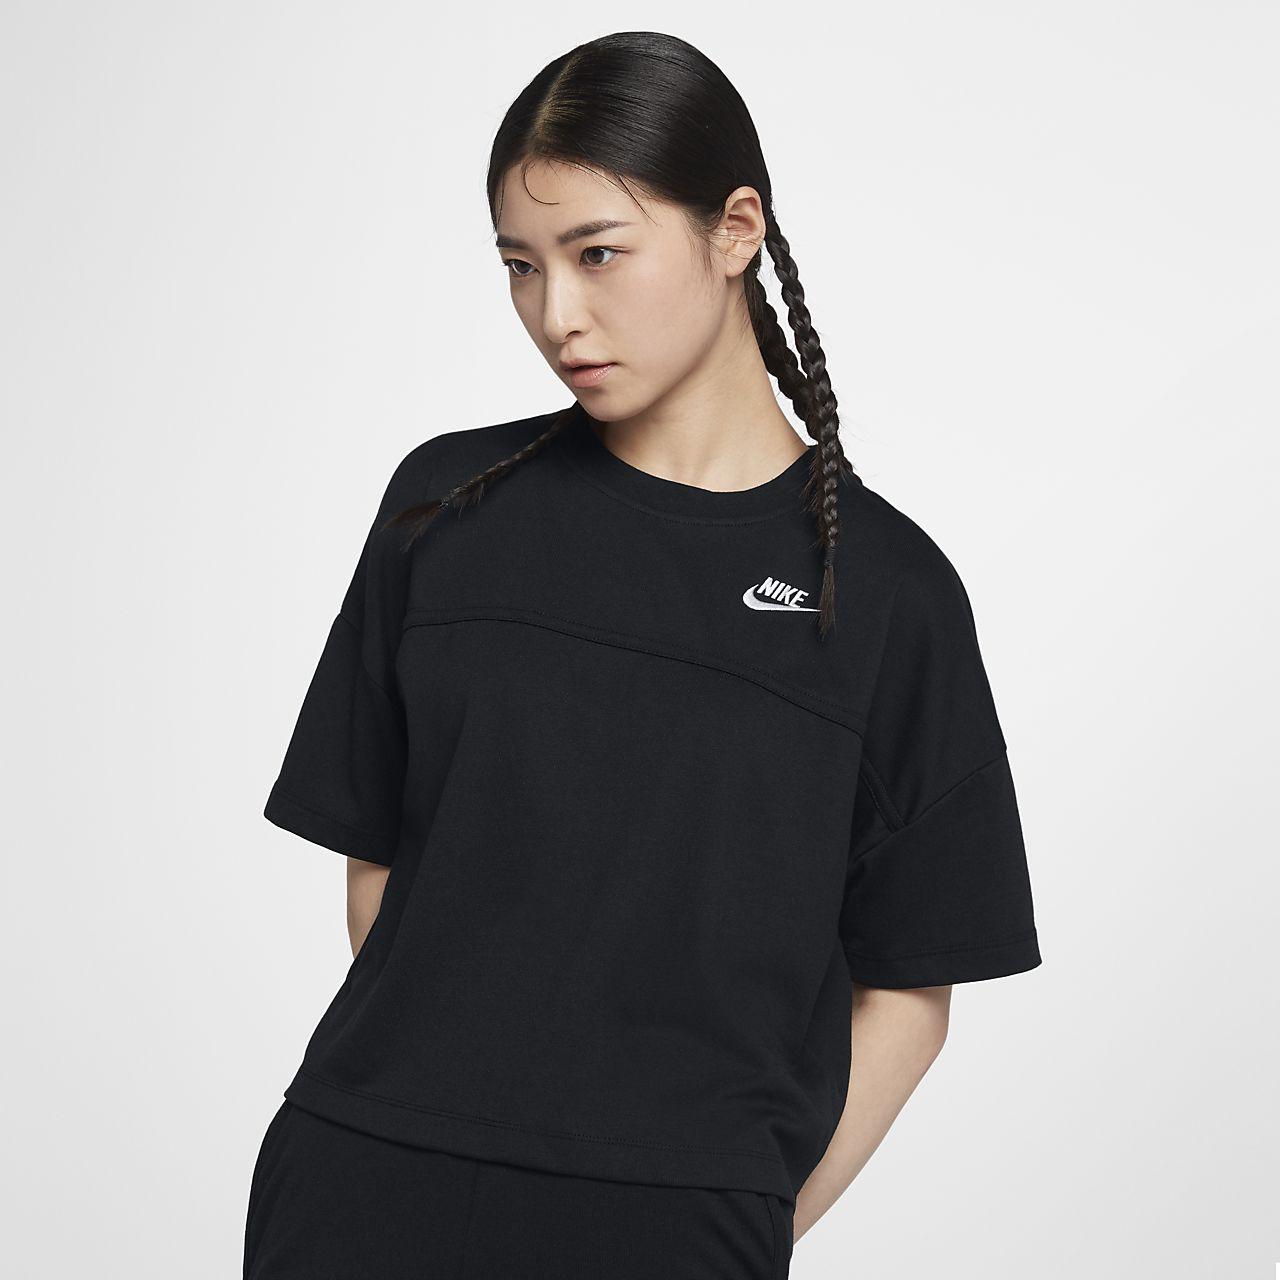 Nike Sportswear 女子短袖上衣